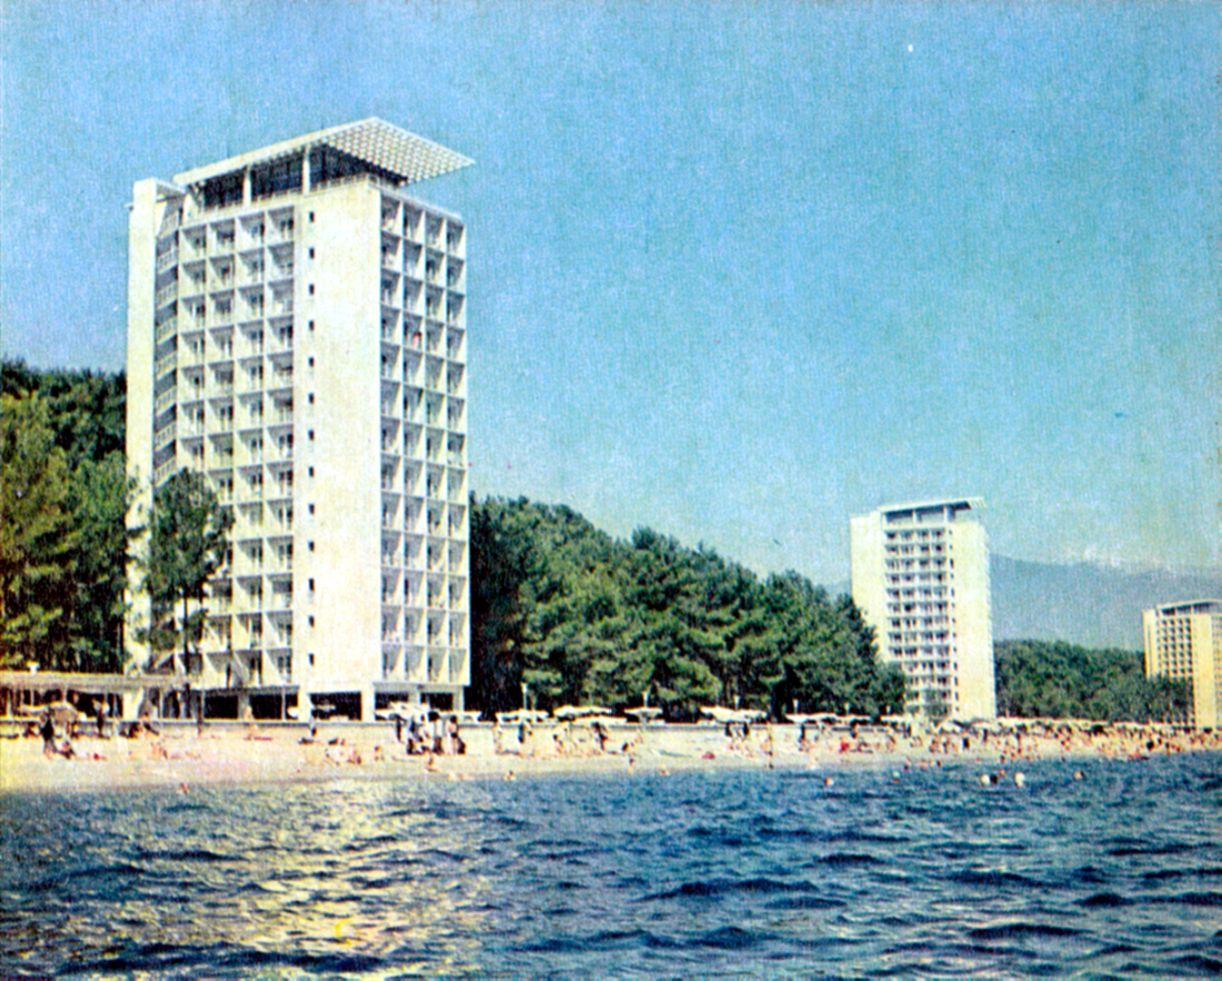 pitsunda-resort-1975